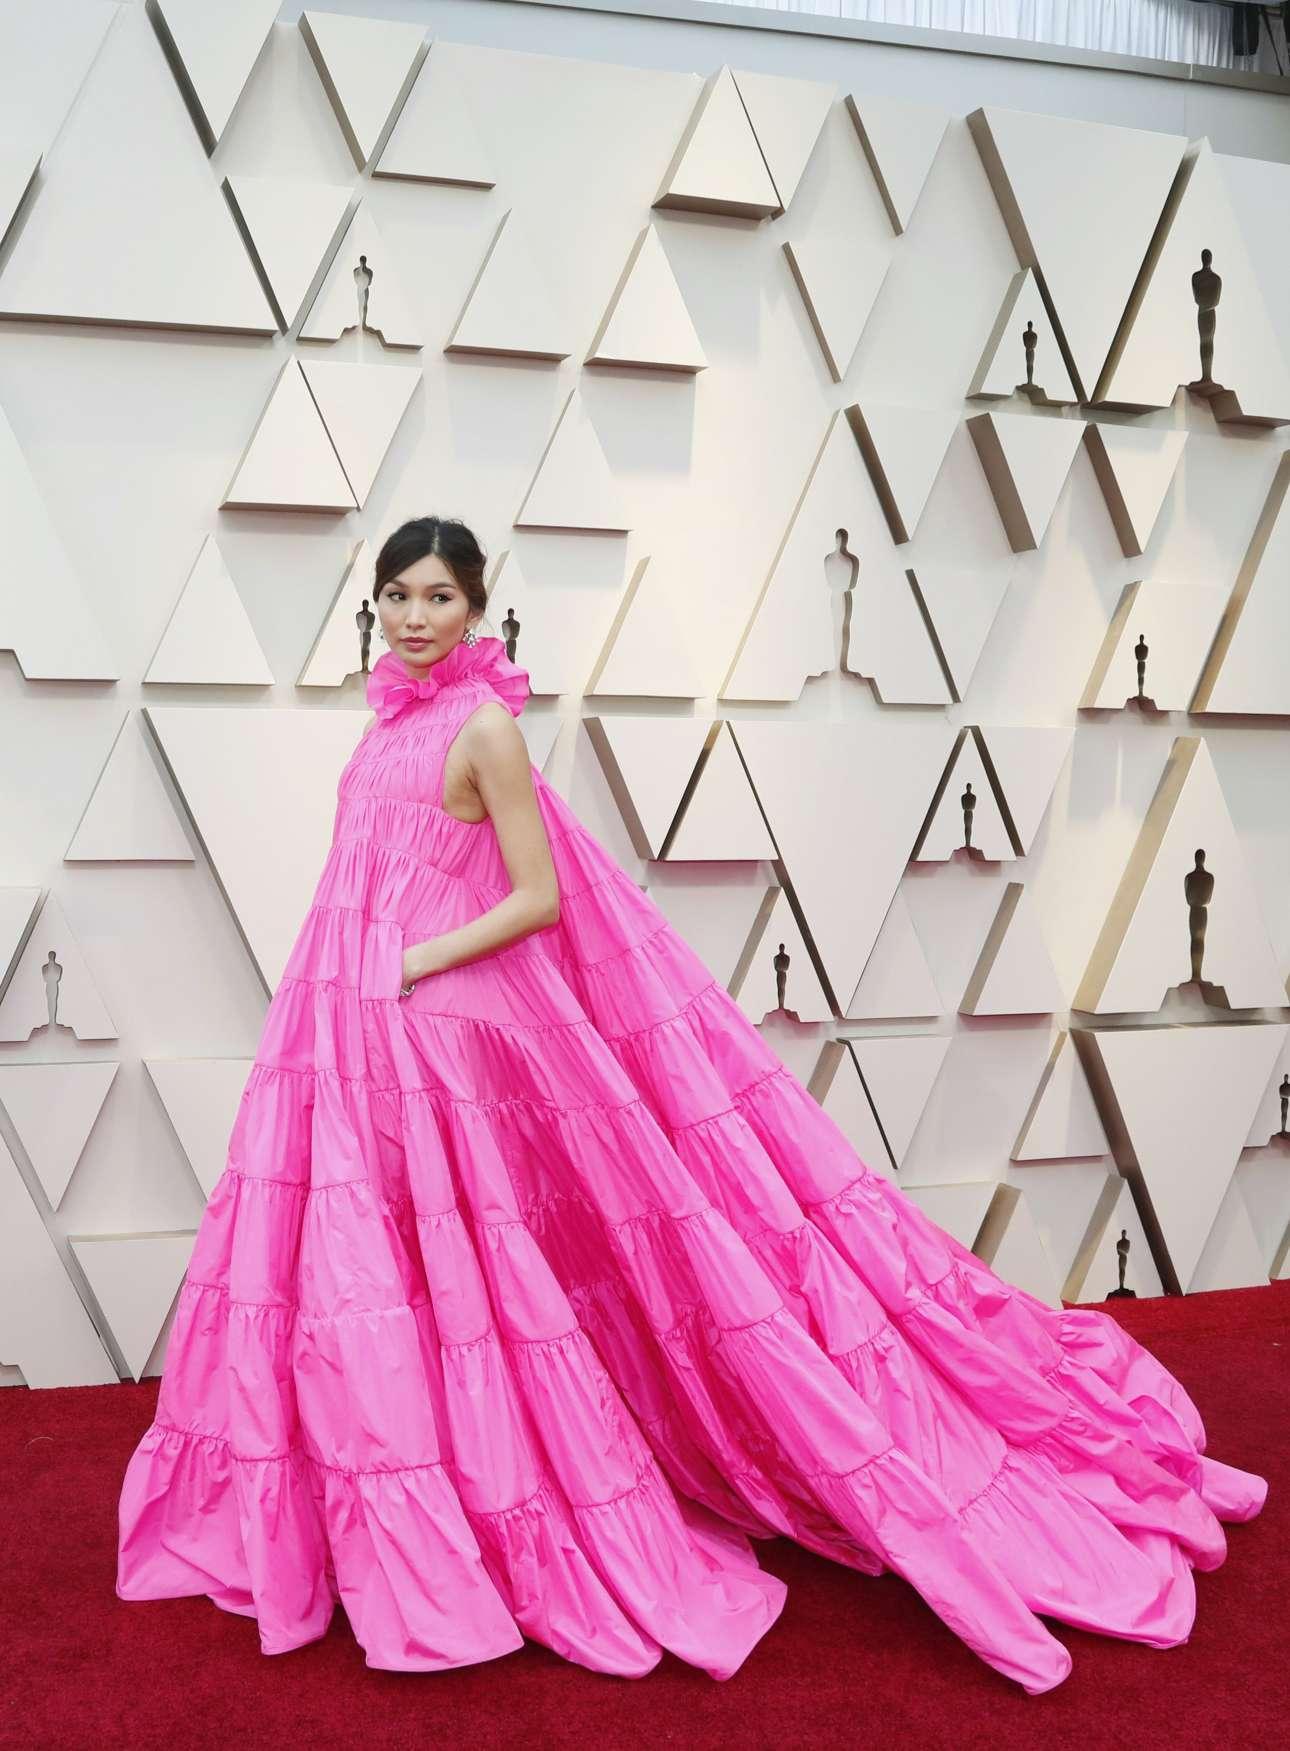 Η βρετανίδα ηθοποιός Τζέμα Τσαν με ένα φαντασμαγορικό φούξια φόρεμα Valentino